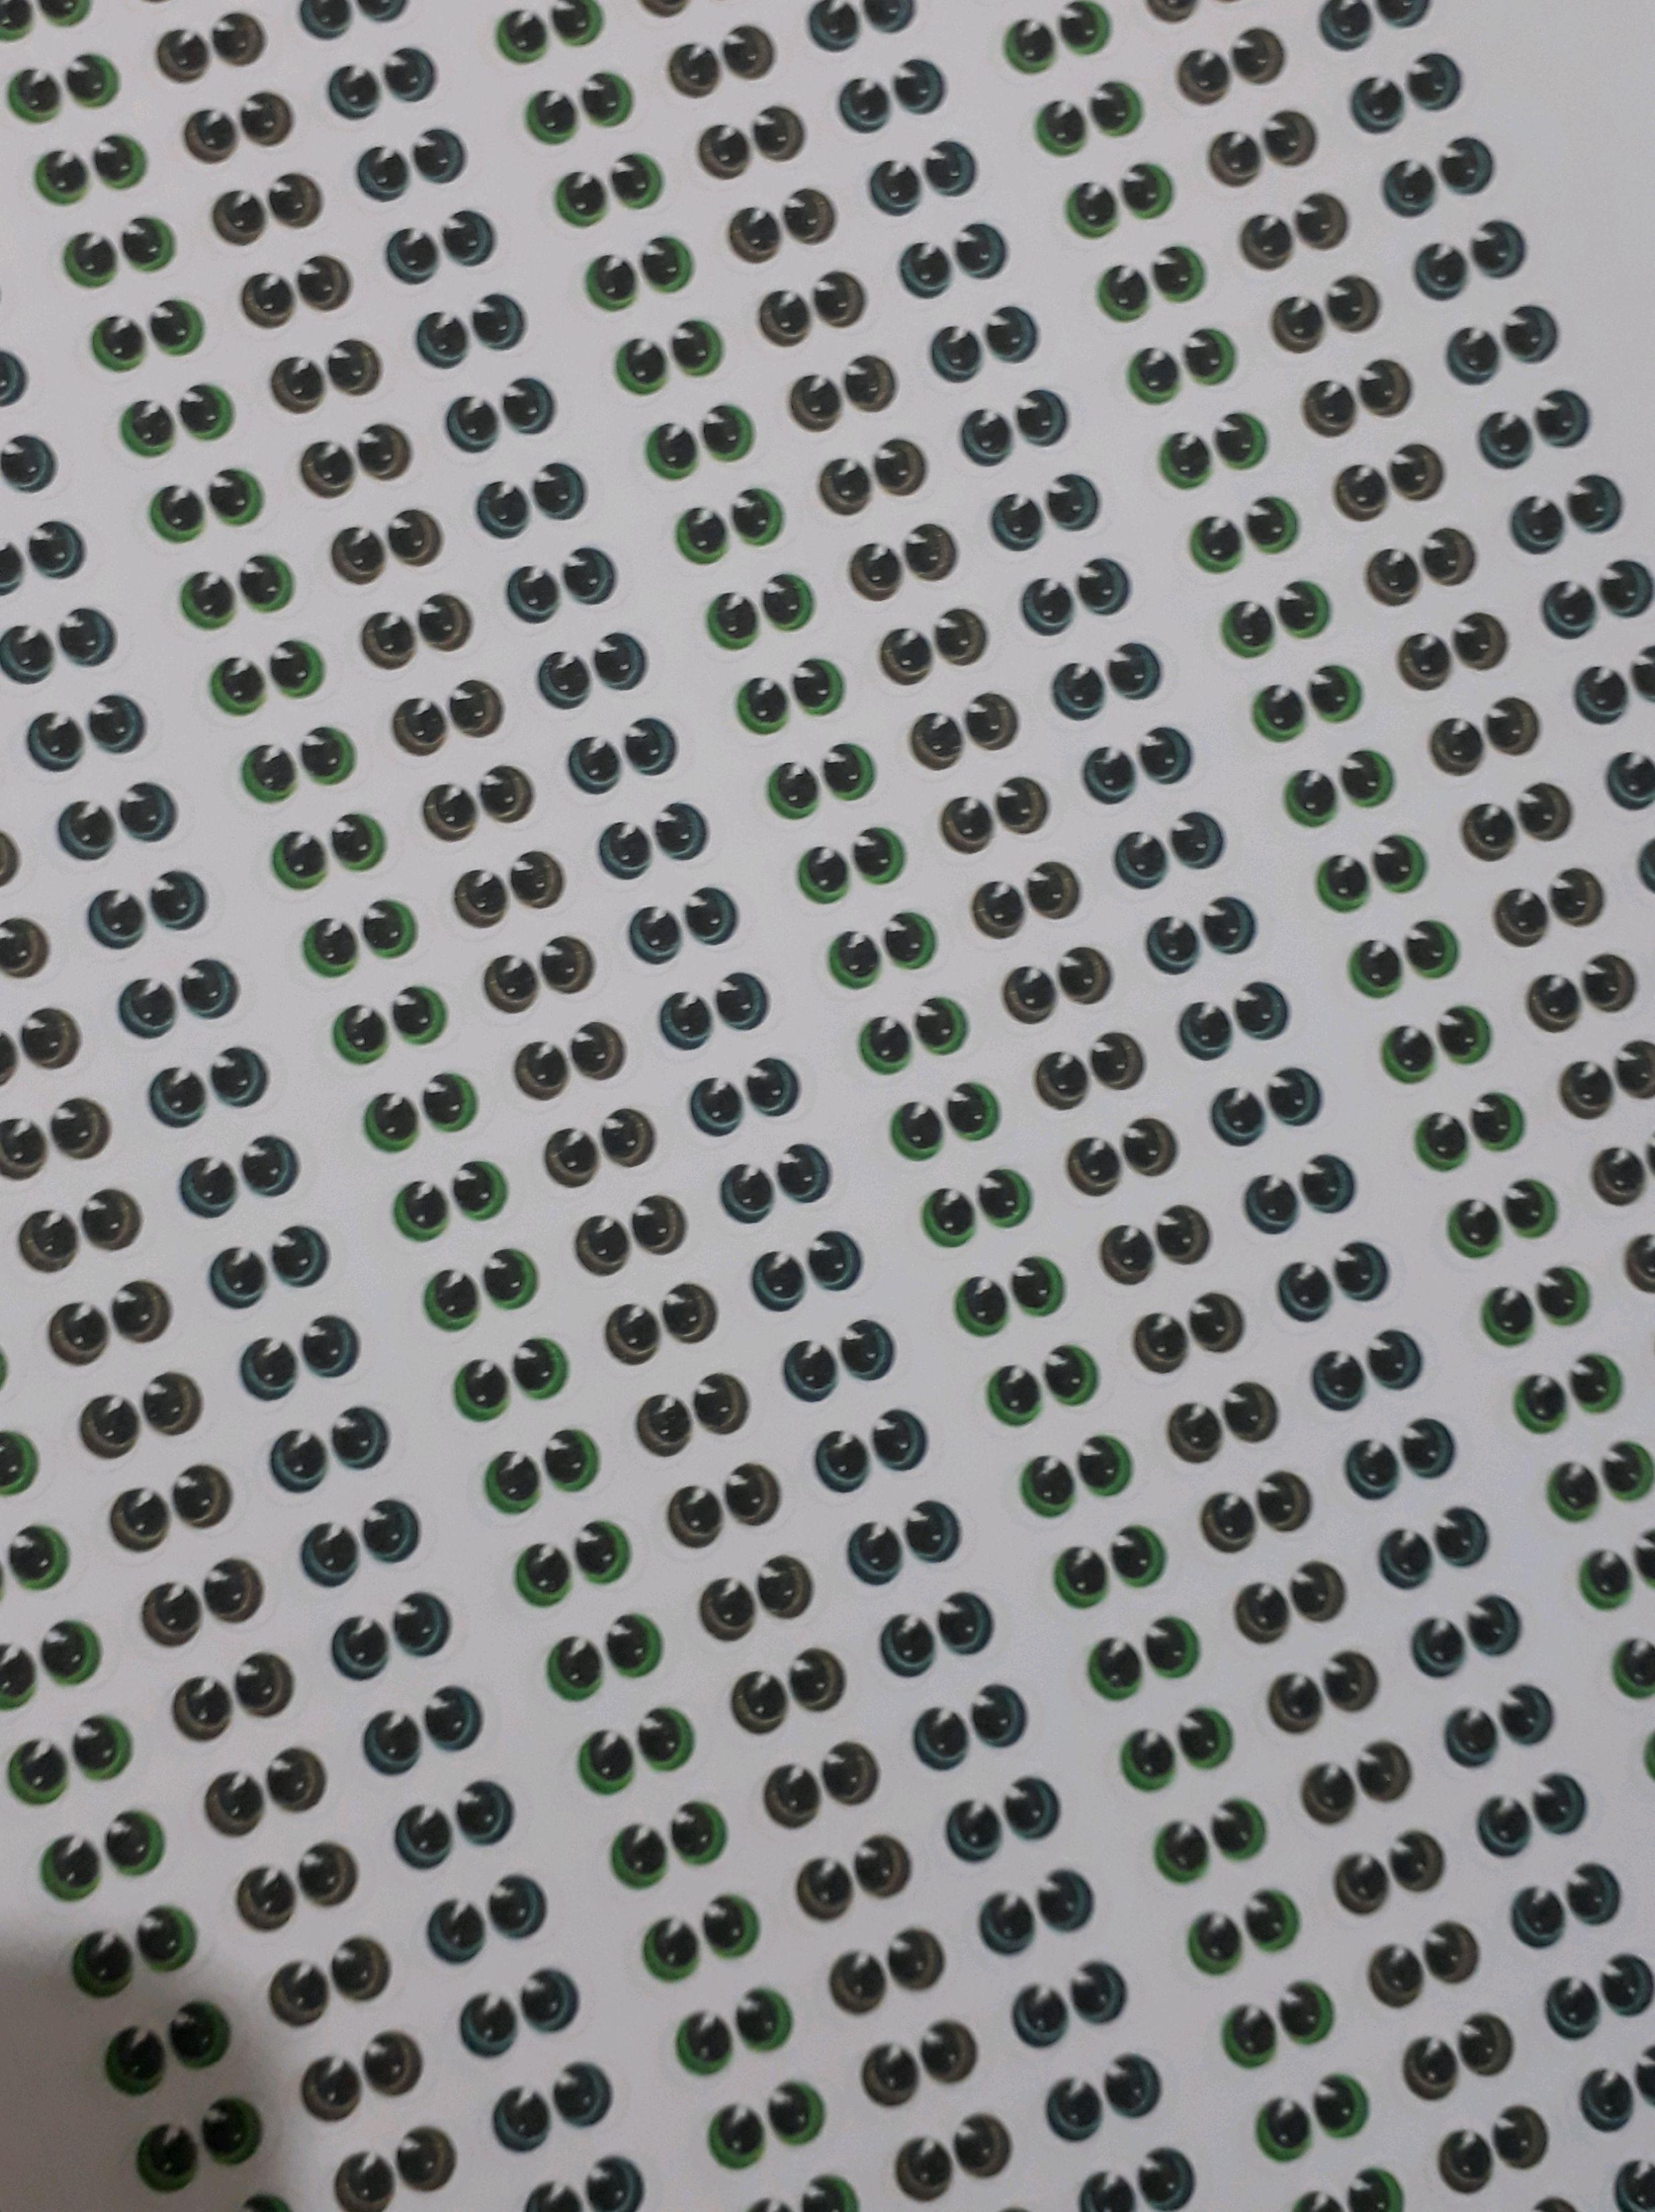 Arquivo De Olhos Para Impressao No Elo7 Atelie Nanda Couto F63b76